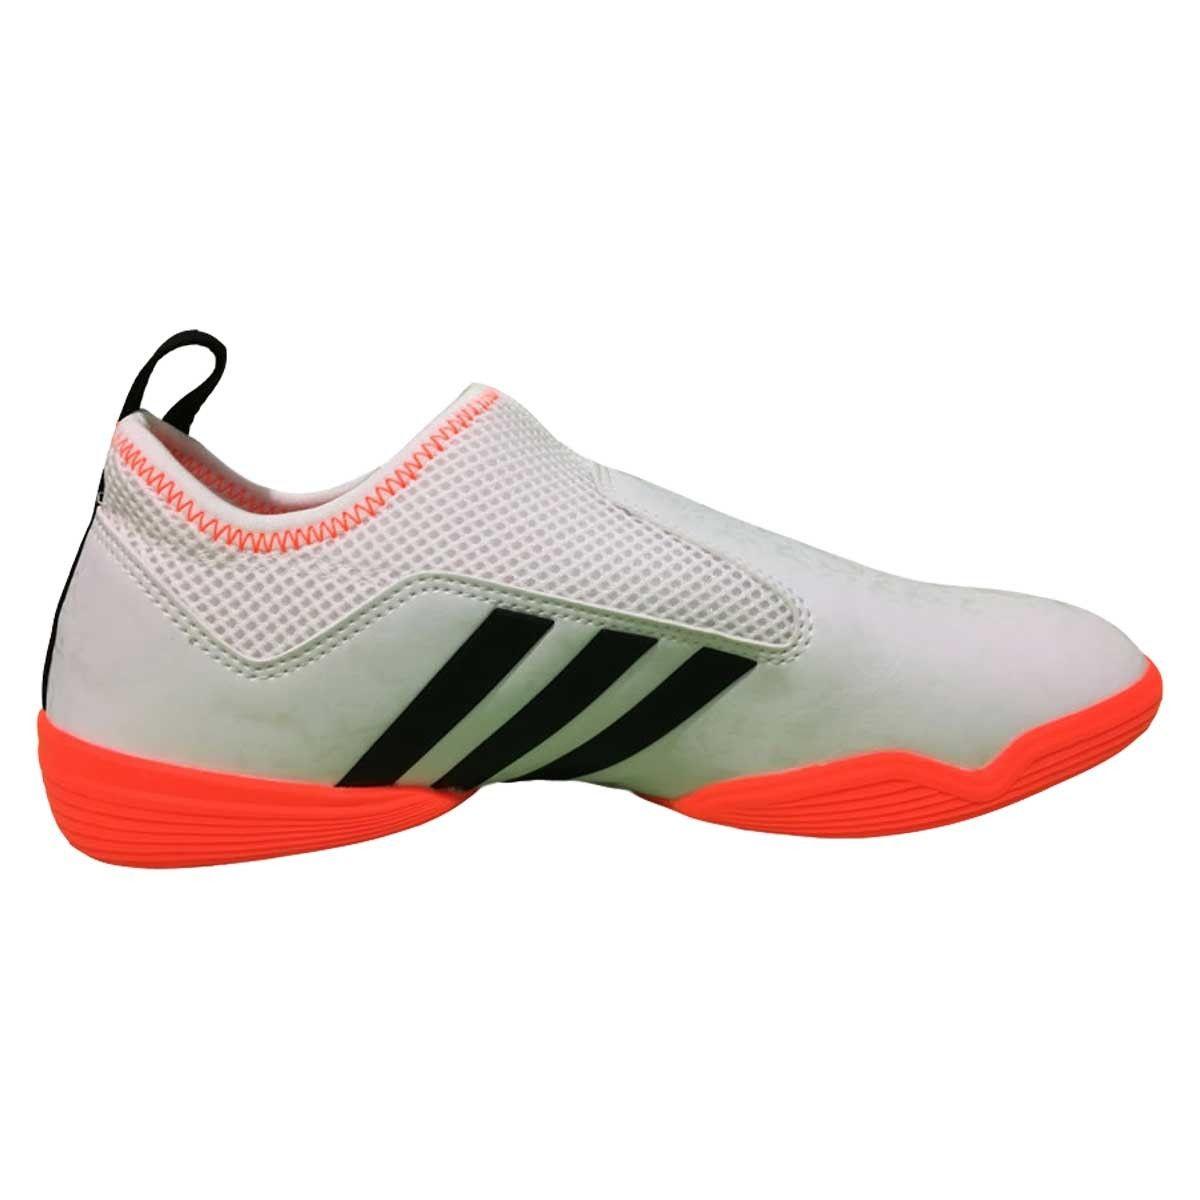 Scarpe adidas contestant adibra | Mercalsport